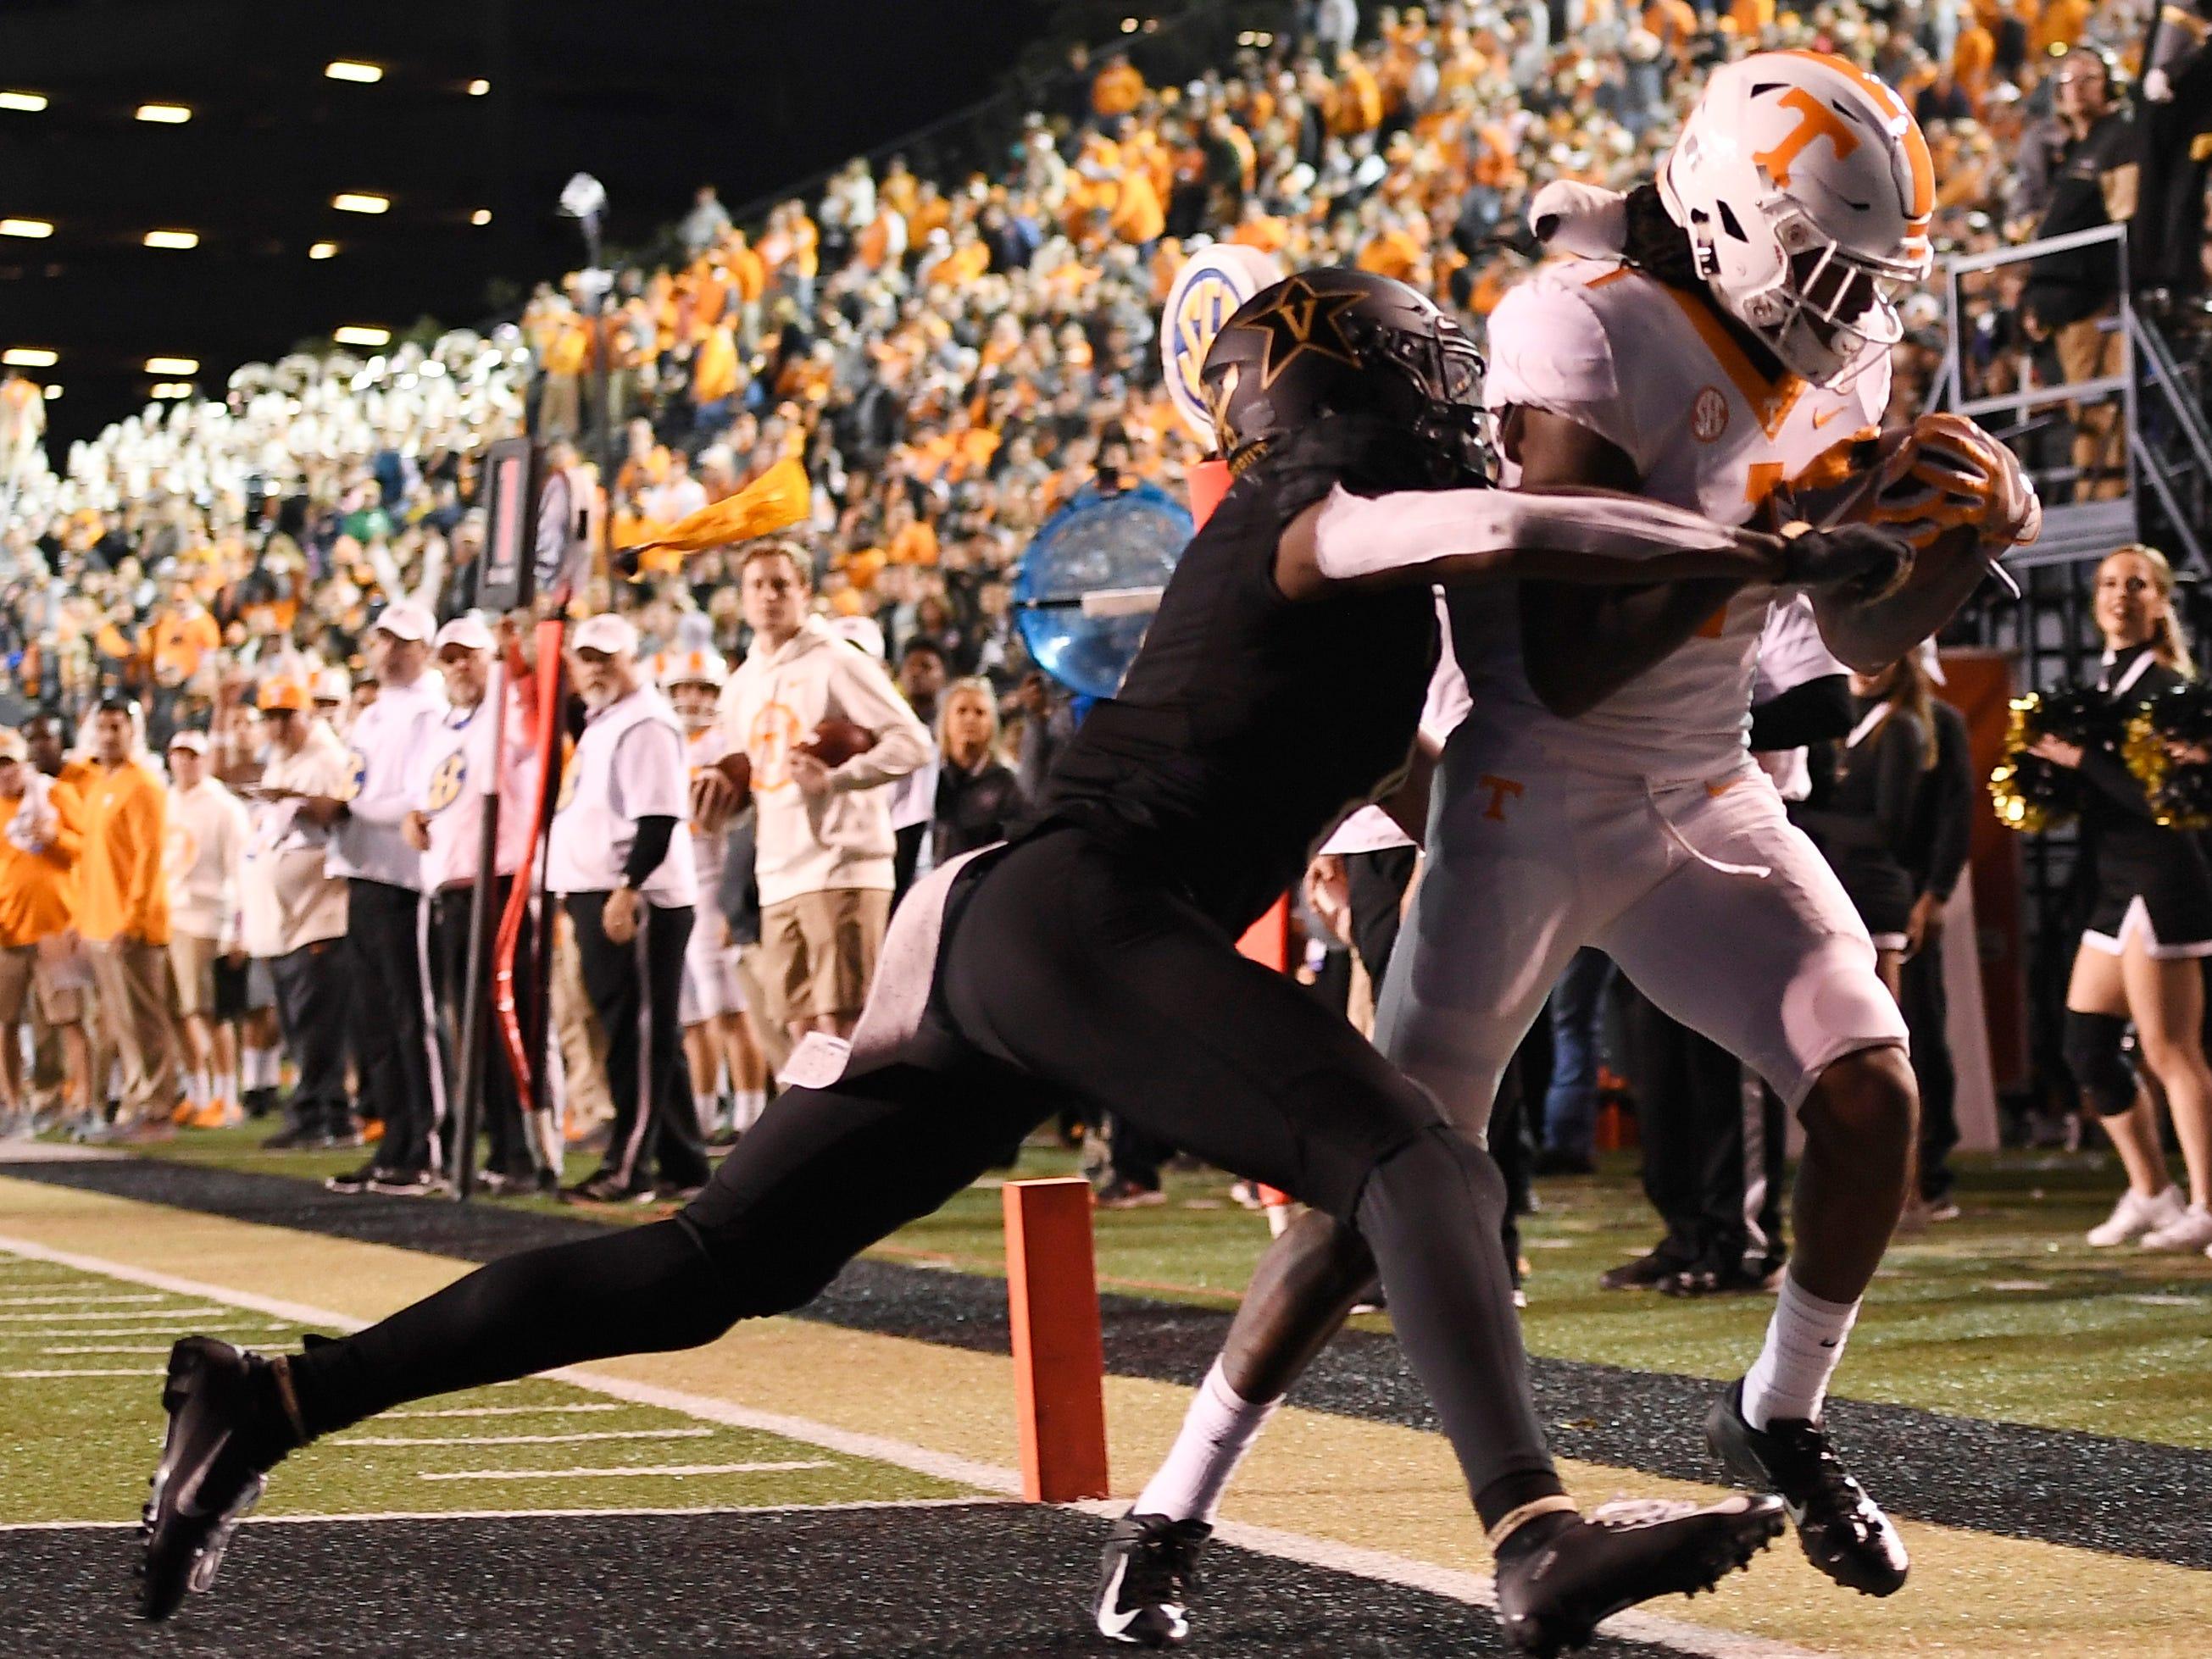 Tennessee wide receiver Marquez Callaway (1) scores a touchdown in the second half at Vanderbilt Stadium Saturday, Nov. 24, 2018, in Nashville, Tenn.